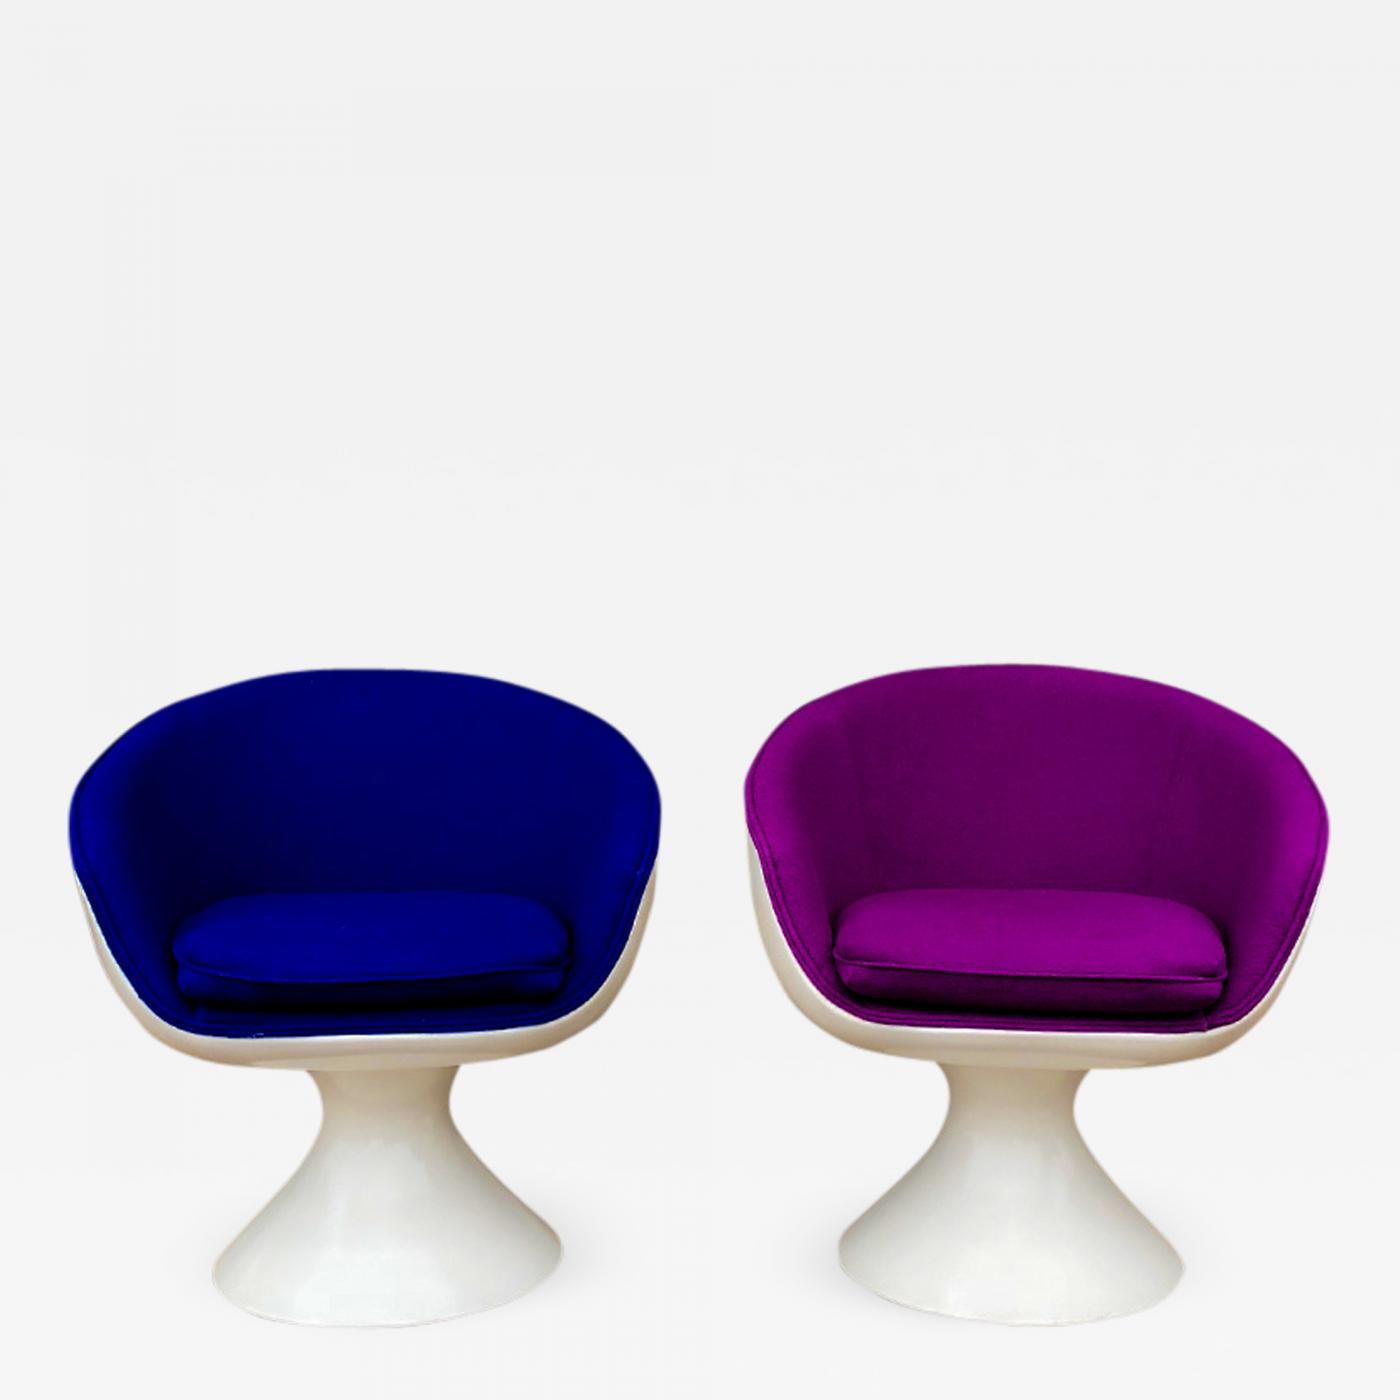 Chromcraft Fiberglass Swivel Chairs & Chromcraft - Chromcraft Fiberglass Swivel Chairs